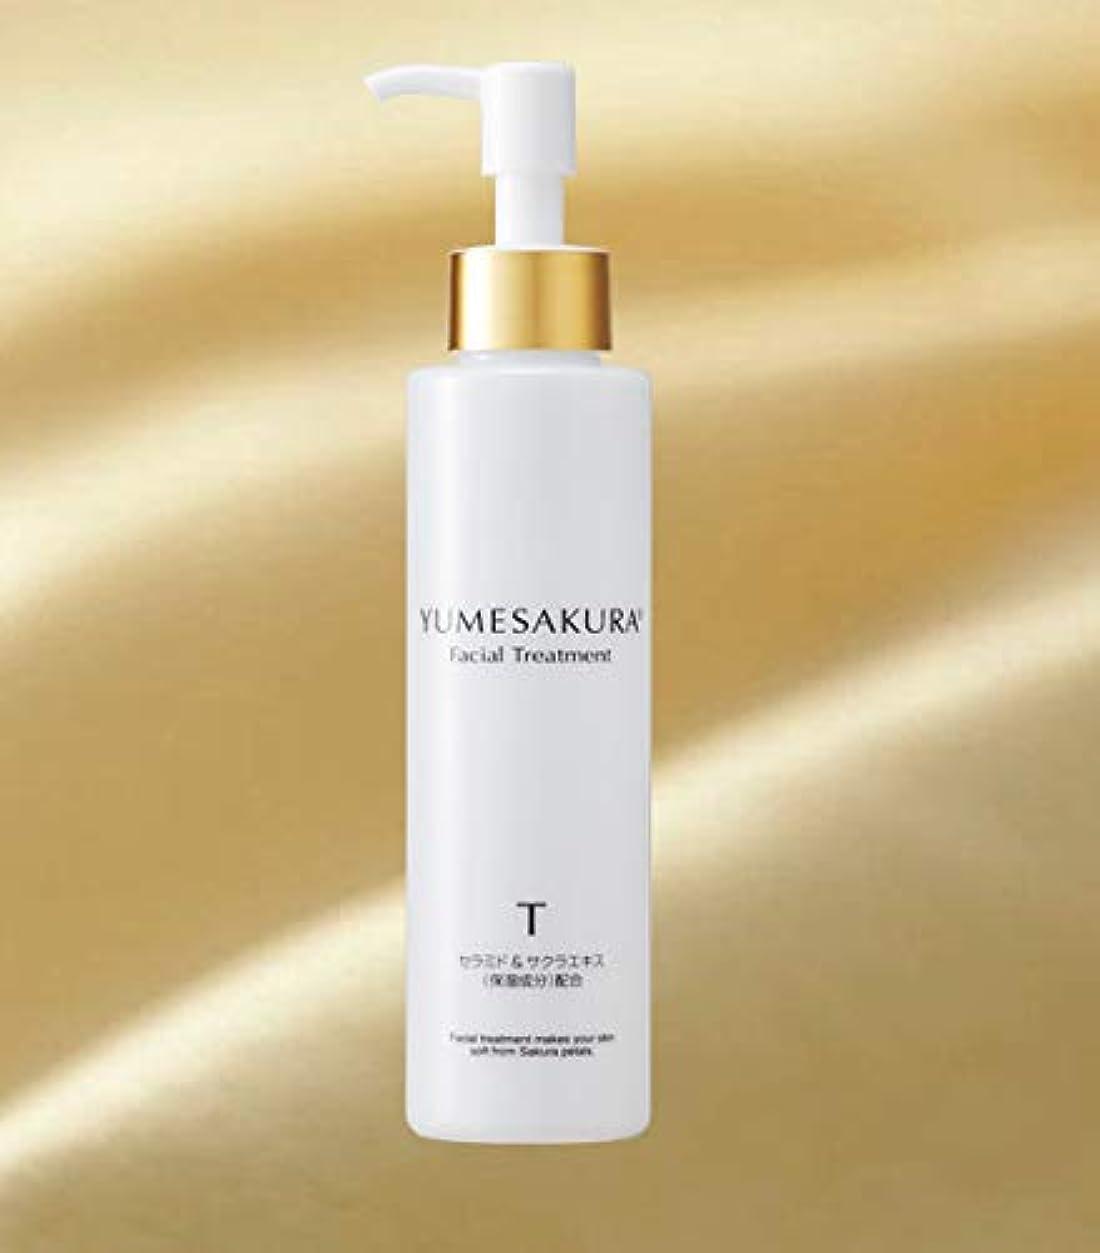 マガジン密やりがいのある夢桜 フェイシャル トリートメント (150mL) YUMESAKURA Facial Treatment